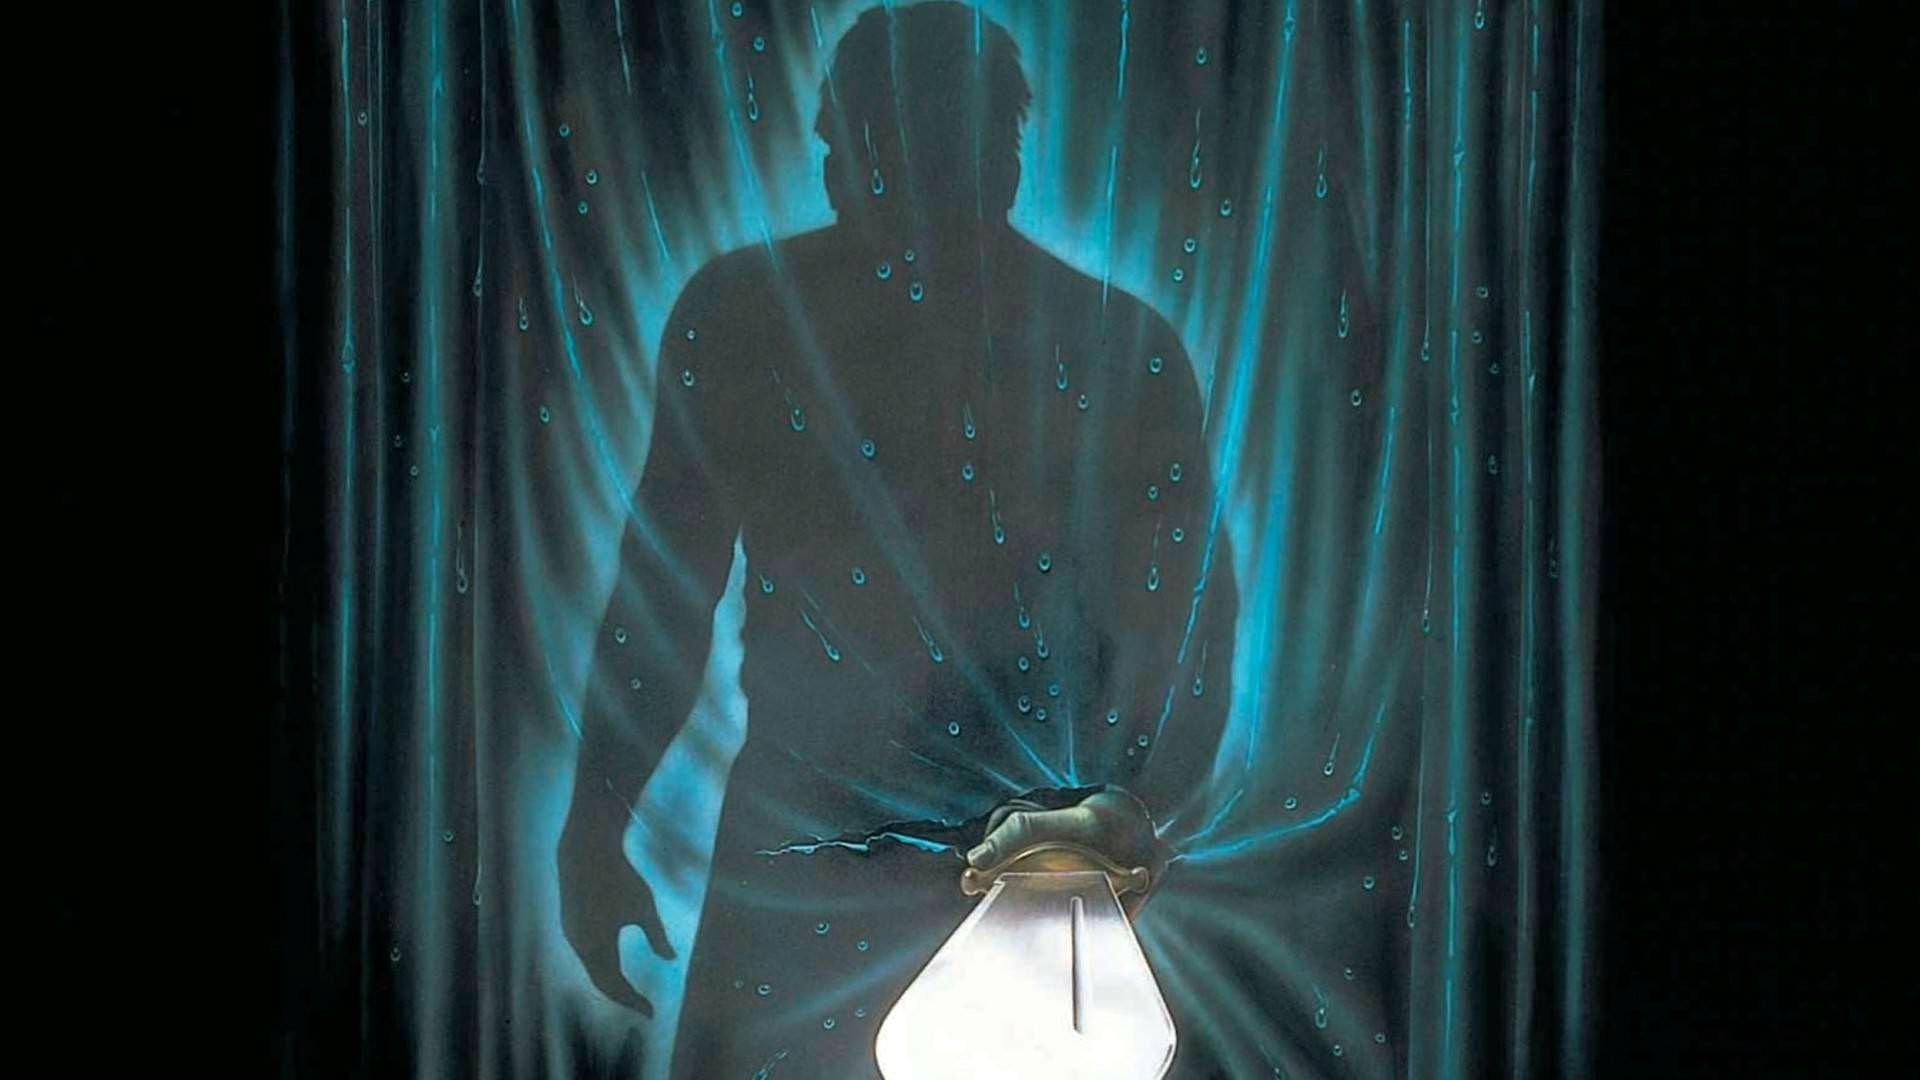 FRIDAY 13TH dark horror violence killer jason thriller fridayhorror  halloween mask wallpaper | | 604262 | WallpaperUP